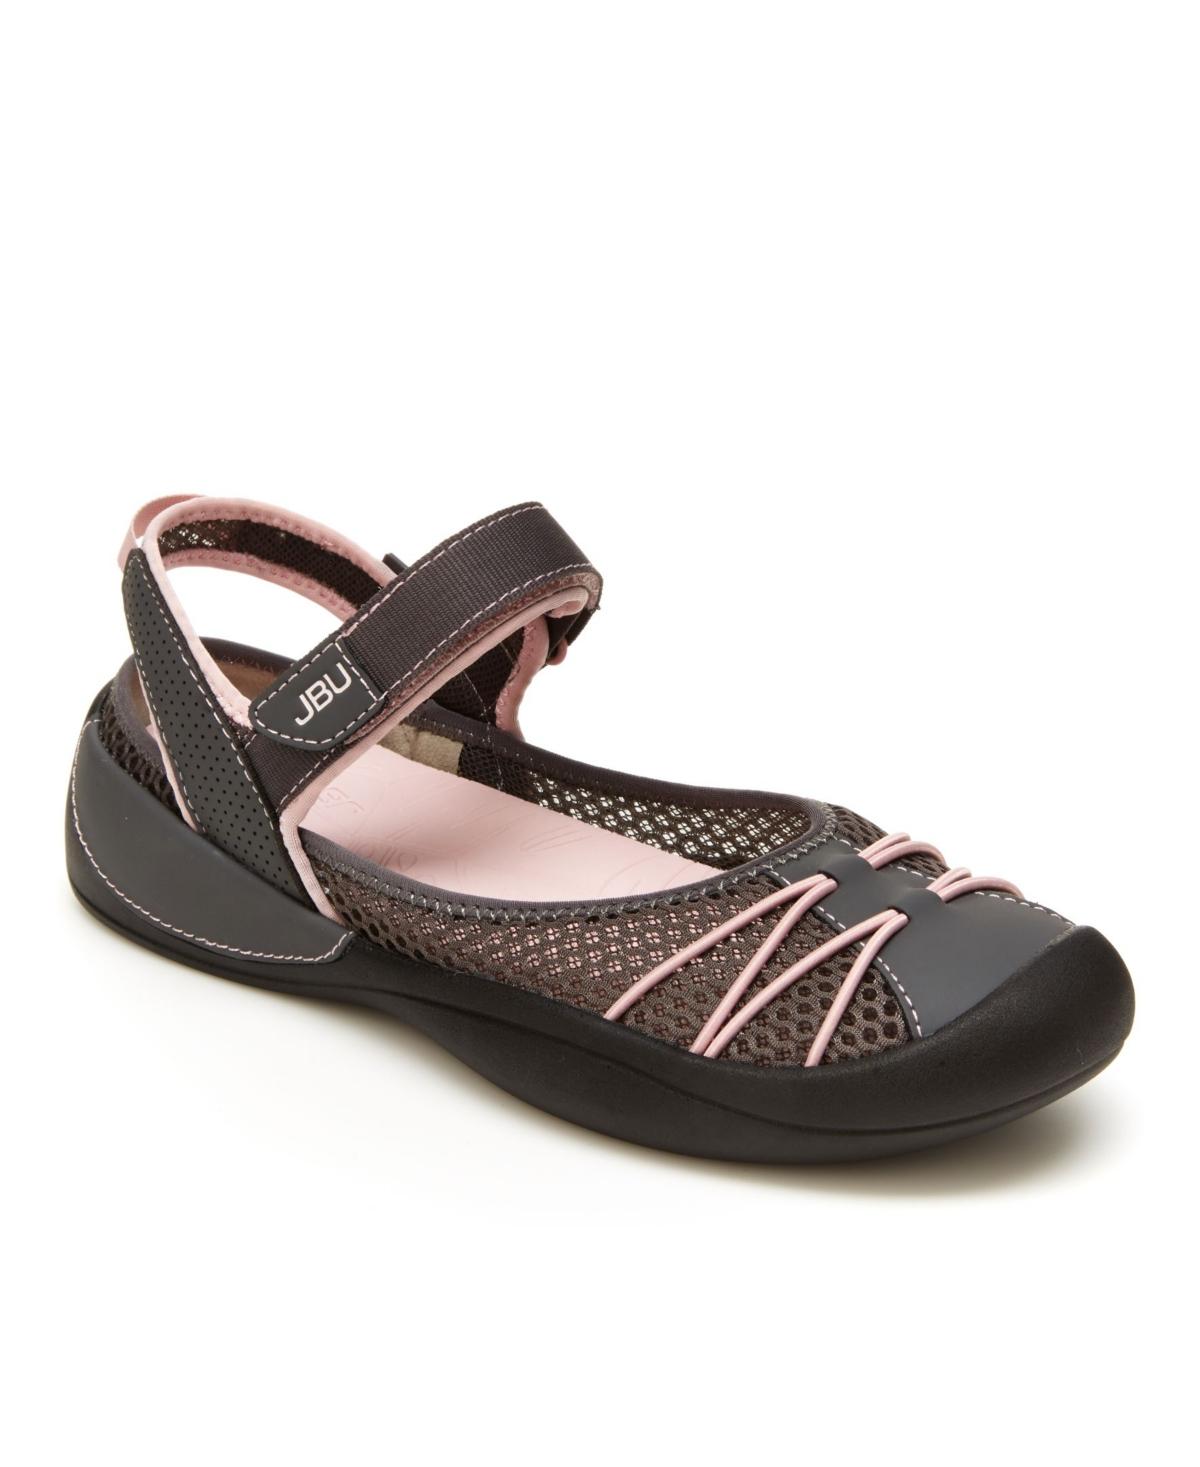 Women's Tulip Eco Vegan Shoes Women's Shoes